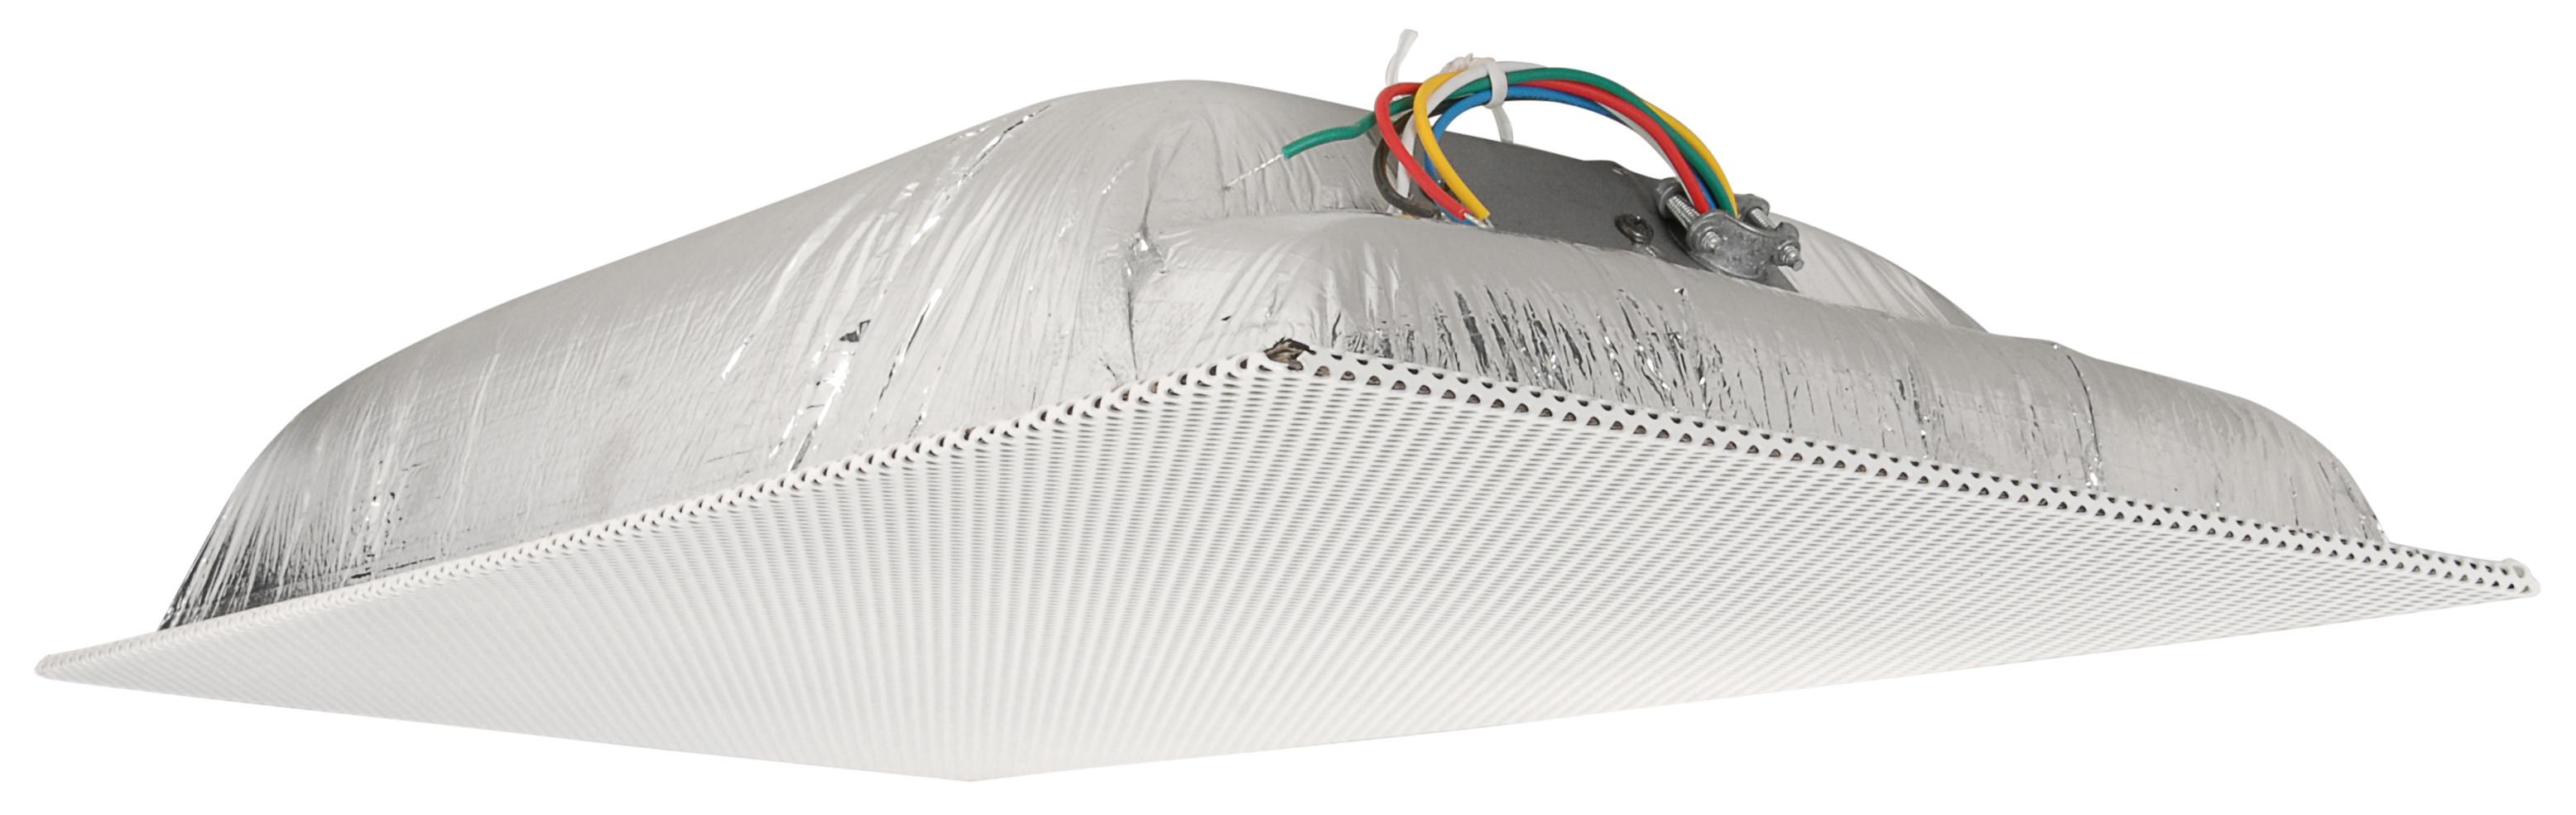 Quam Ceiling Tile Speaker 1' x 2' 70V (Micro-Perf Black)